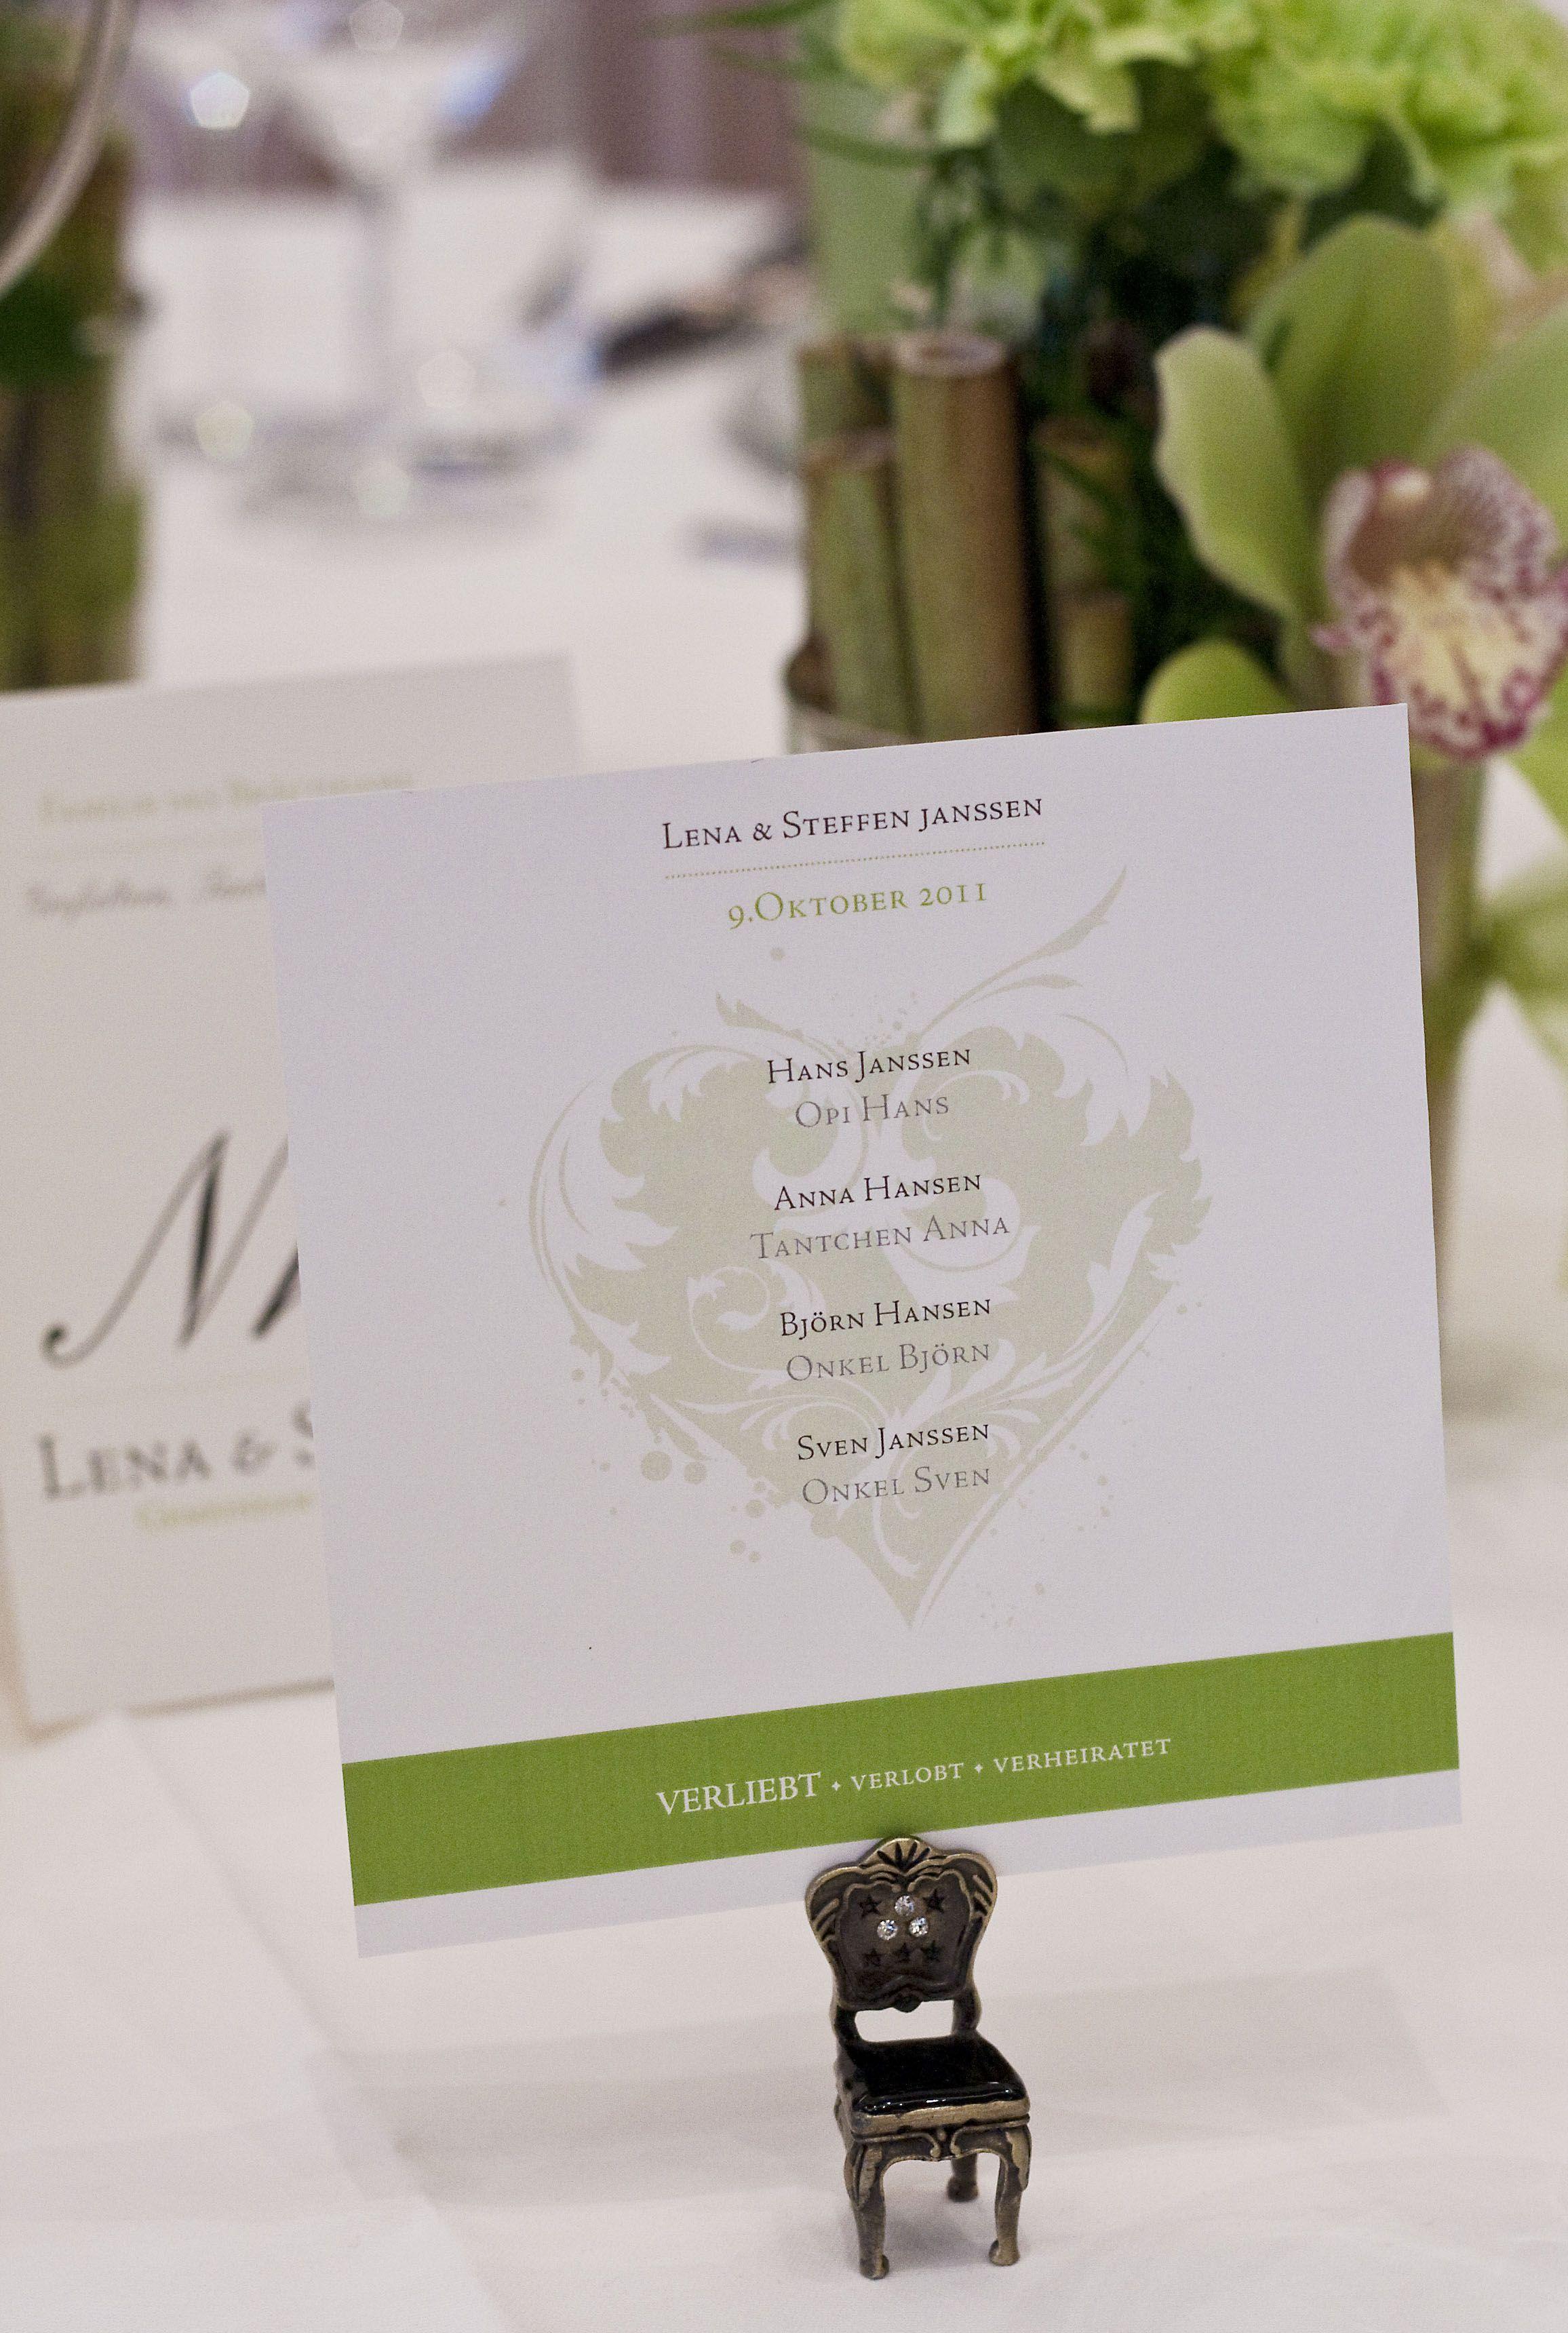 Tischkarte für die Hochzeitsgäste. Tischdekoration für die Hochzeit.